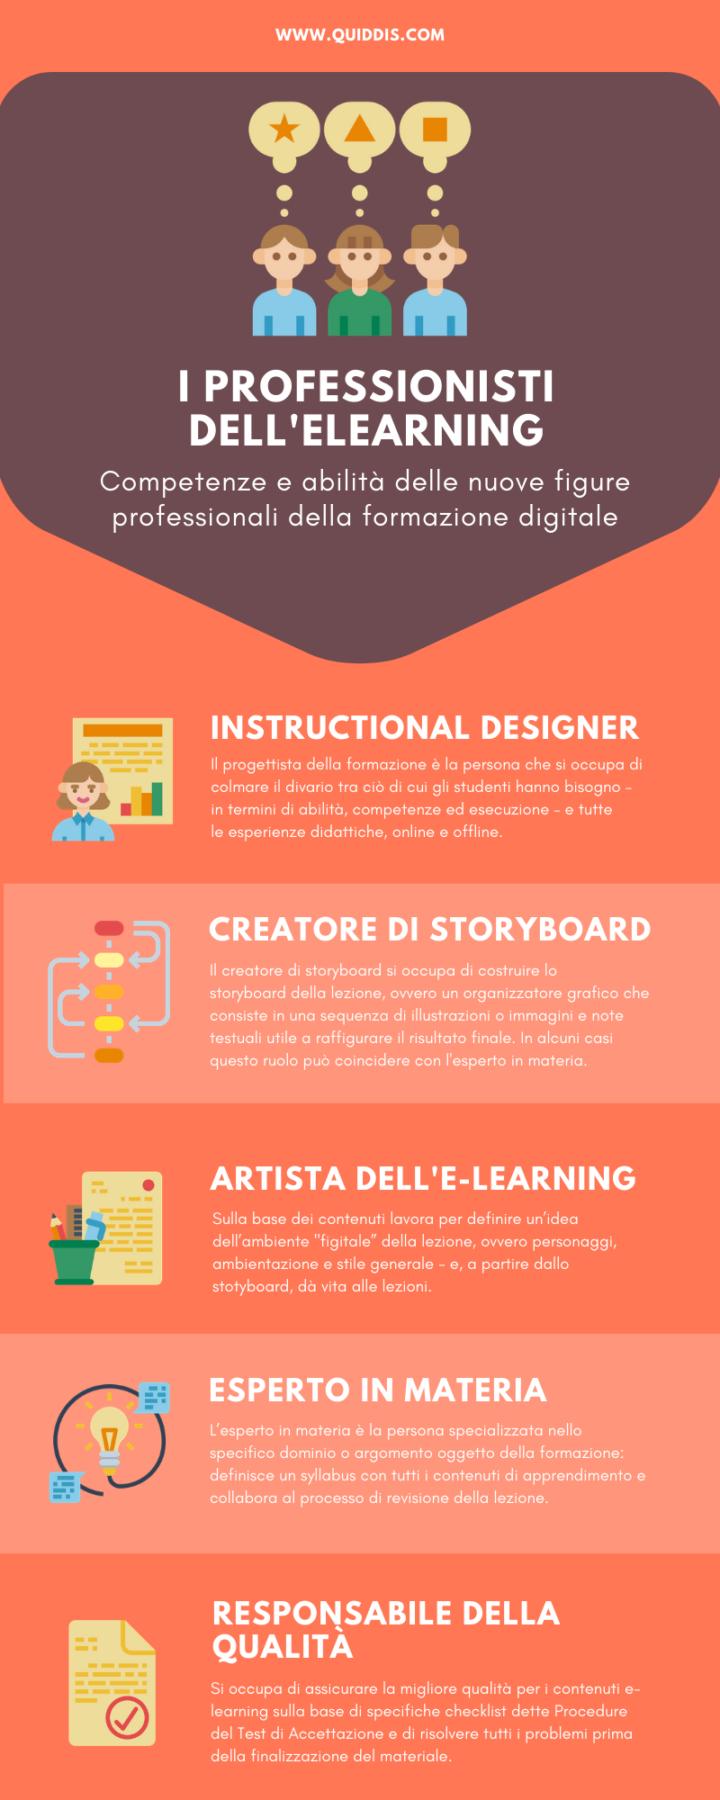 Professionisti dell'e-learning